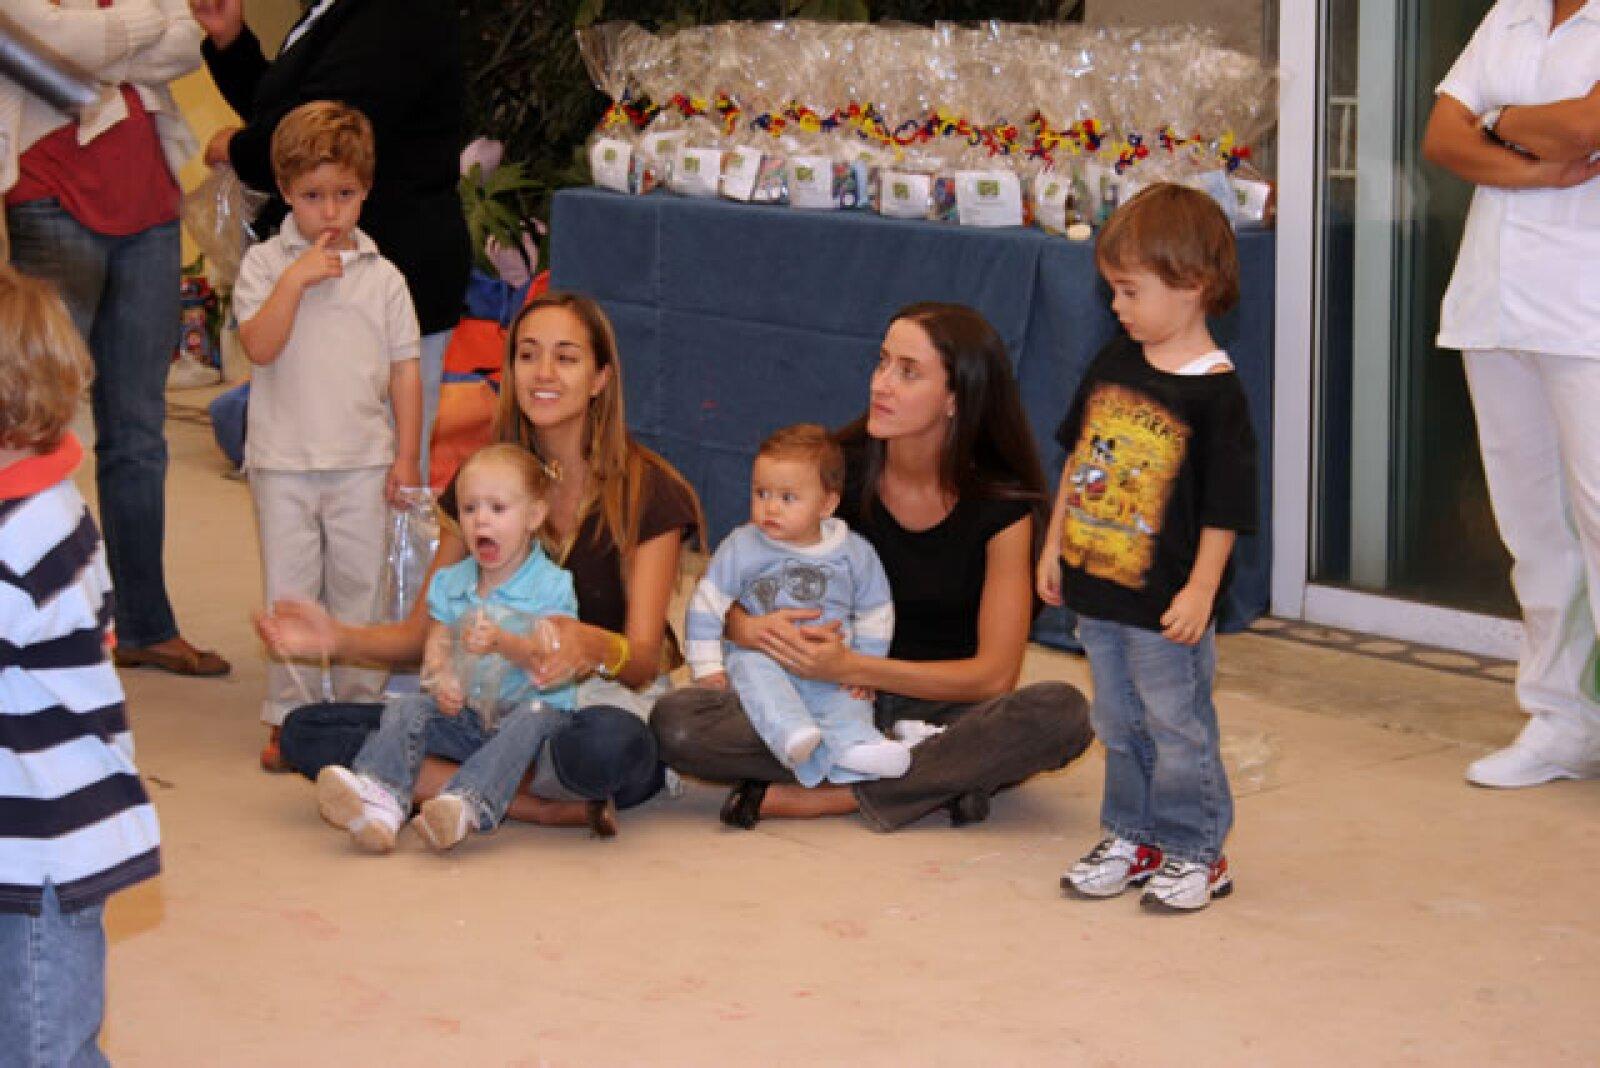 La pequeña tiene muchos primos y es que los hermanos de su papá han hecho crecer la familia.